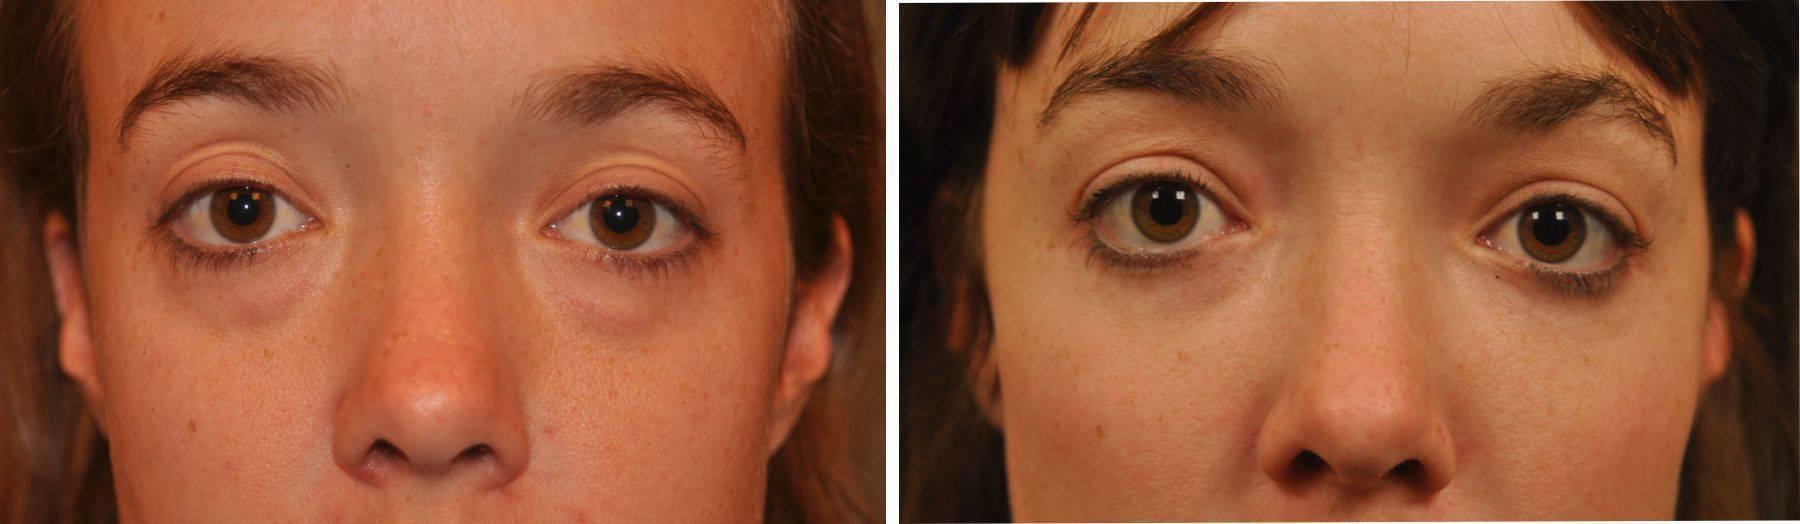 Как снять отечность лица после пьянки: убрать мешки под глазами и освежить лицо